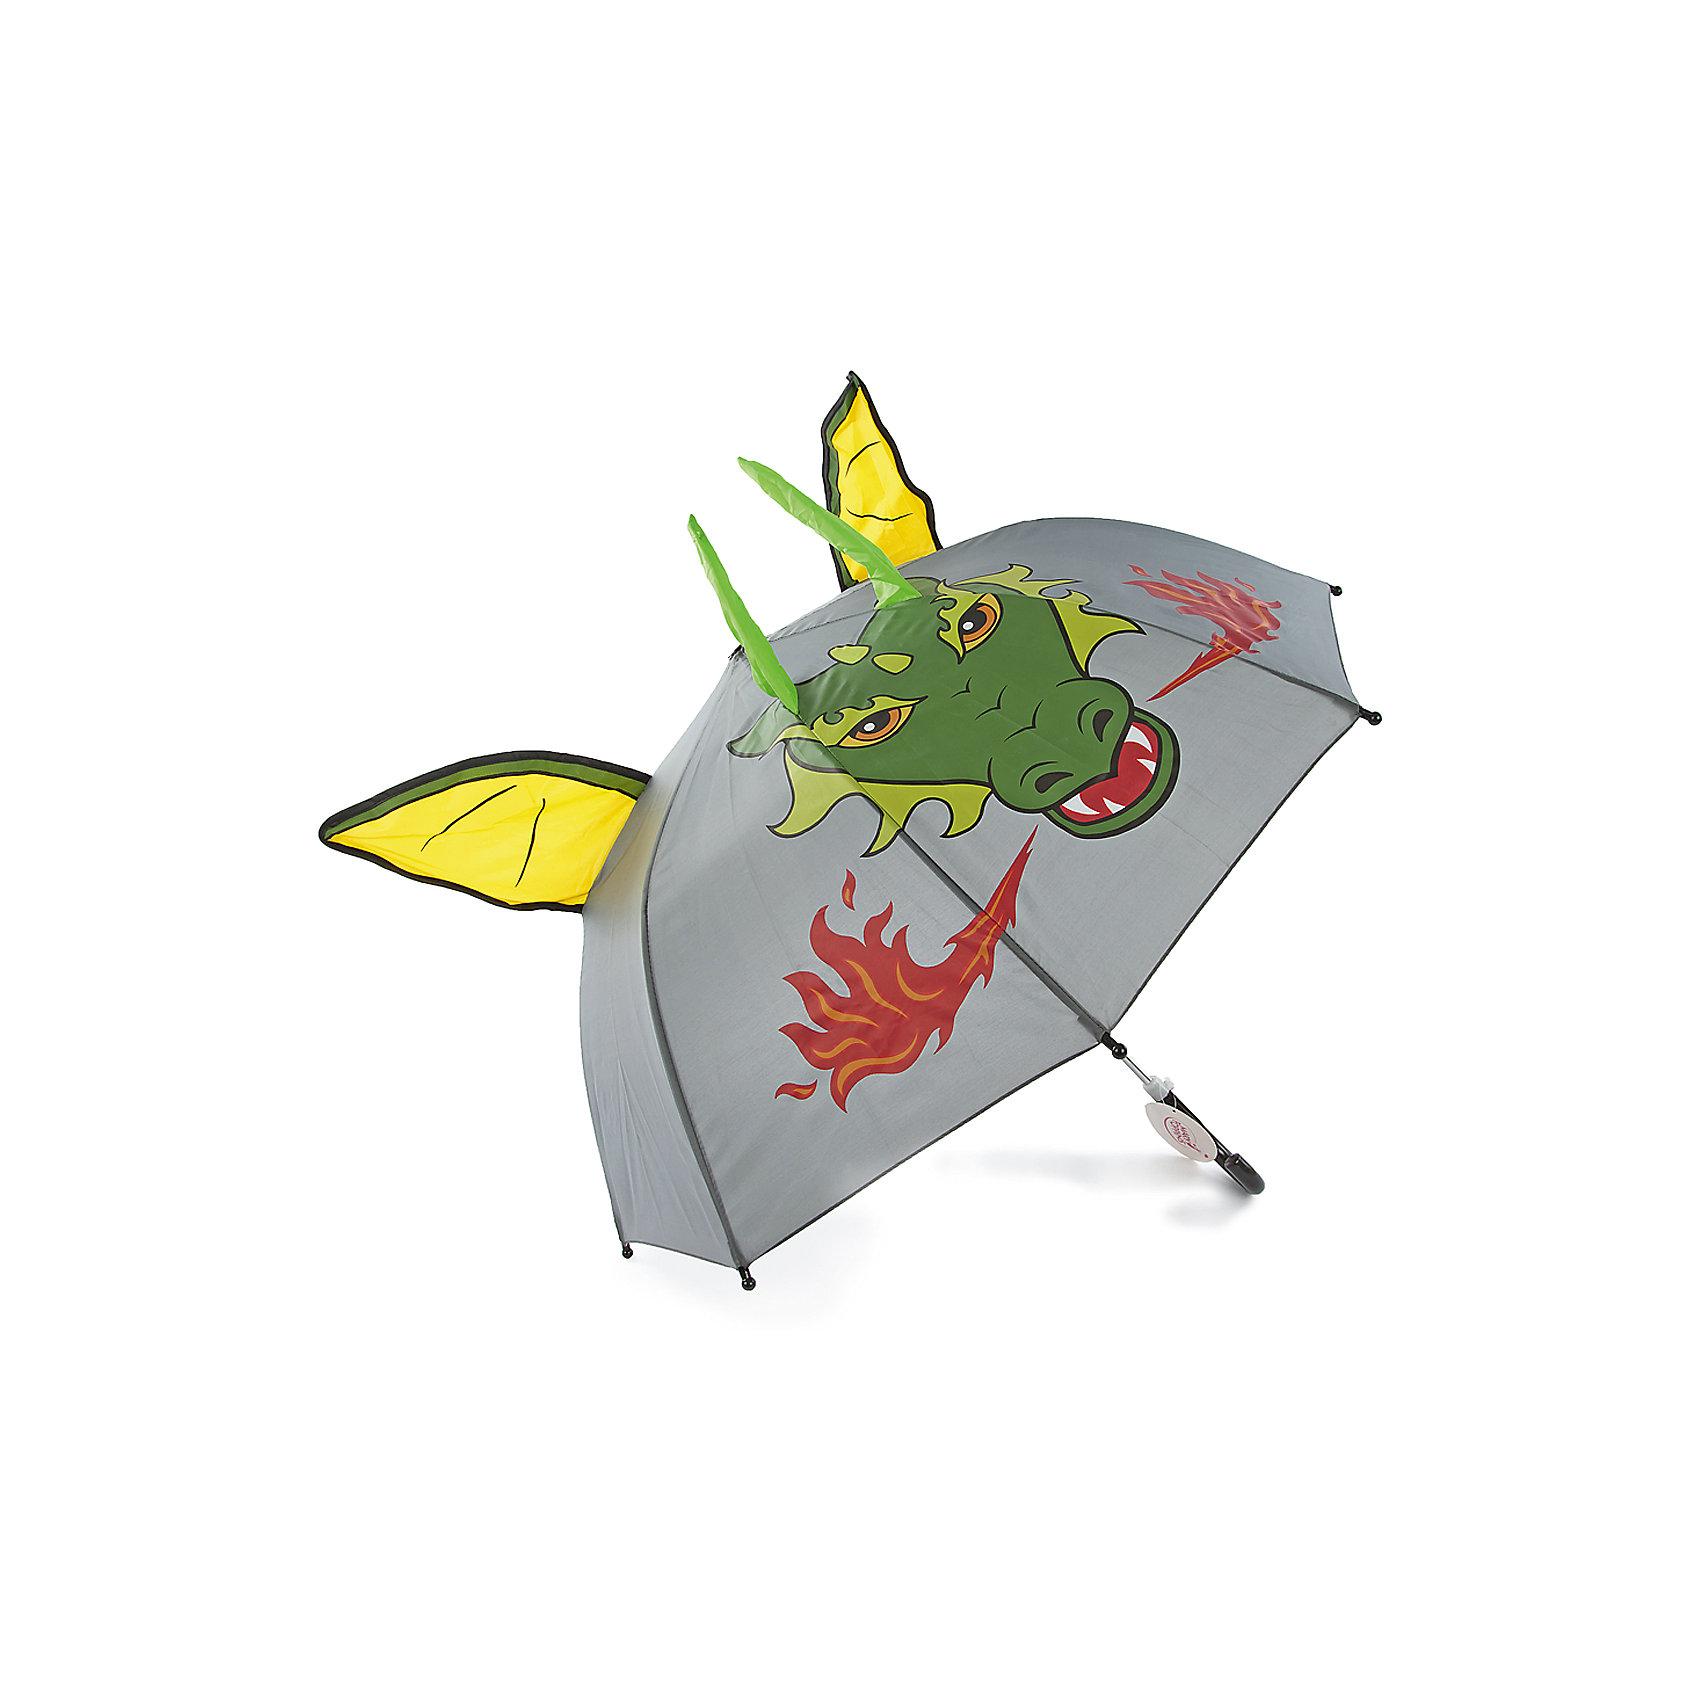 Зонт детский Дракон, 46см.Зонты детские<br>Зонт детский Дракон, 46см., Mary Poppins (Мэри Поппинс)<br><br>Характеристики:<br><br>• устойчив к ветру<br>• система складывания: механическая<br>• прочное крепление купола<br>• радиус купола: 46 см<br>• длина ручки: 57 см<br>• пластиковый фиксатор на стержне зонтика<br>• пластиковые насадки на концах спиц<br>• материал: полиэстер, металл, пластик<br>• размер упаковки: 62х8х5 см<br><br>Зонтик Дракон поднимет настроение даже в непогоду. Непромокаемый купол оформлен красочным изображением огнедышащего дракона. А объемные уши и рожки придают дракончику реалистичности. Купол надежно крепится к металлическому корпусу, чтобы зонт не пострадал от порывов ветра. Наконечники и ручка выполнены из пластика для удобства и безопасности ребенка. <br><br>Зонт детский Дракон, 46см., Mary Poppins (Мэри Поппинс) можно купить в нашем интернет-магазине.<br><br>Ширина мм: 590<br>Глубина мм: 600<br>Высота мм: 800<br>Вес г: 250<br>Возраст от месяцев: 36<br>Возраст до месяцев: 2147483647<br>Пол: Мужской<br>Возраст: Детский<br>SKU: 5508506